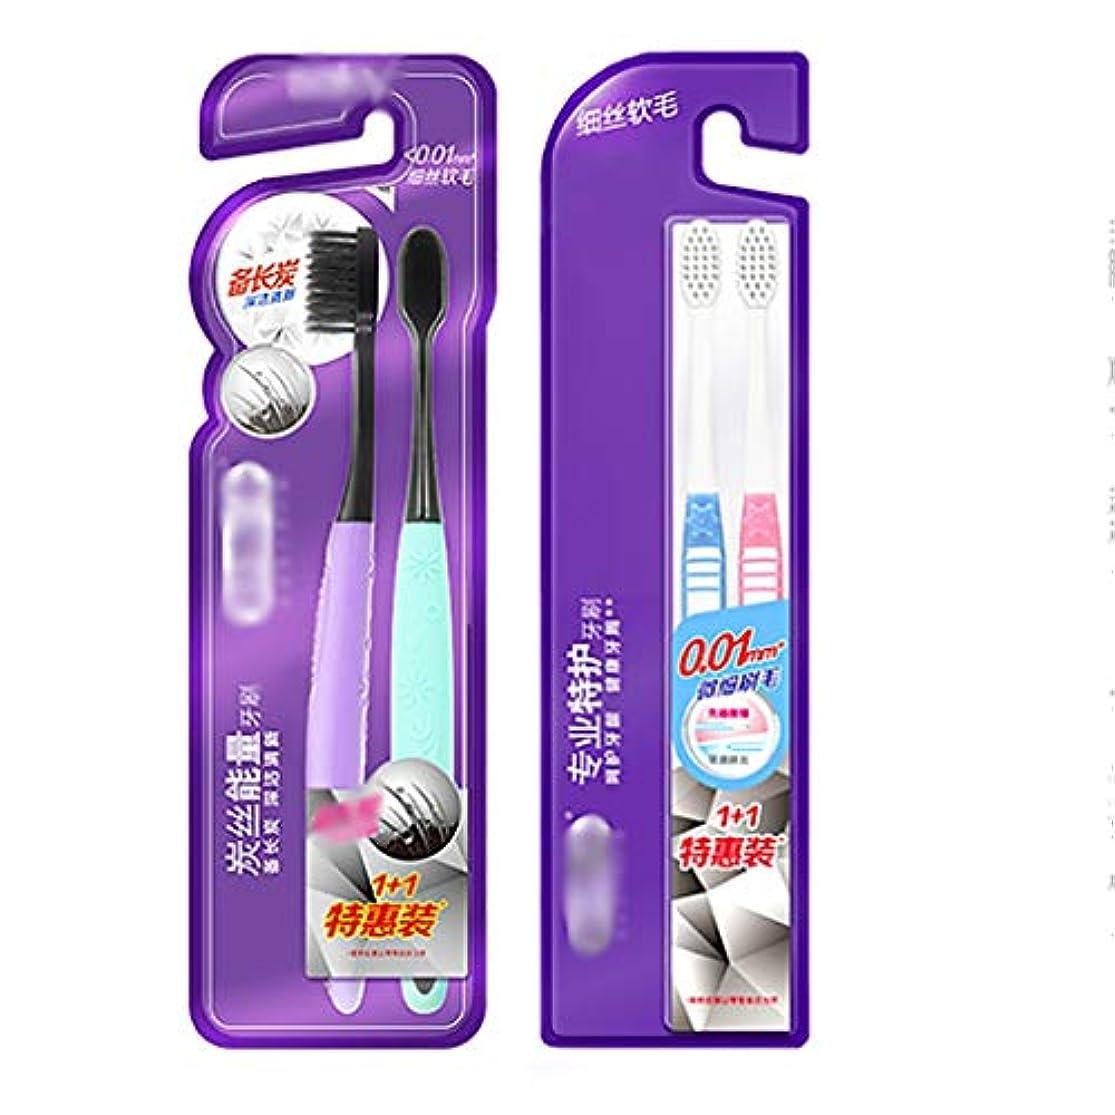 柱北へ安心させる歯ブラシ、足首歯ブラシ、手用歯ブラシの8本のスティック